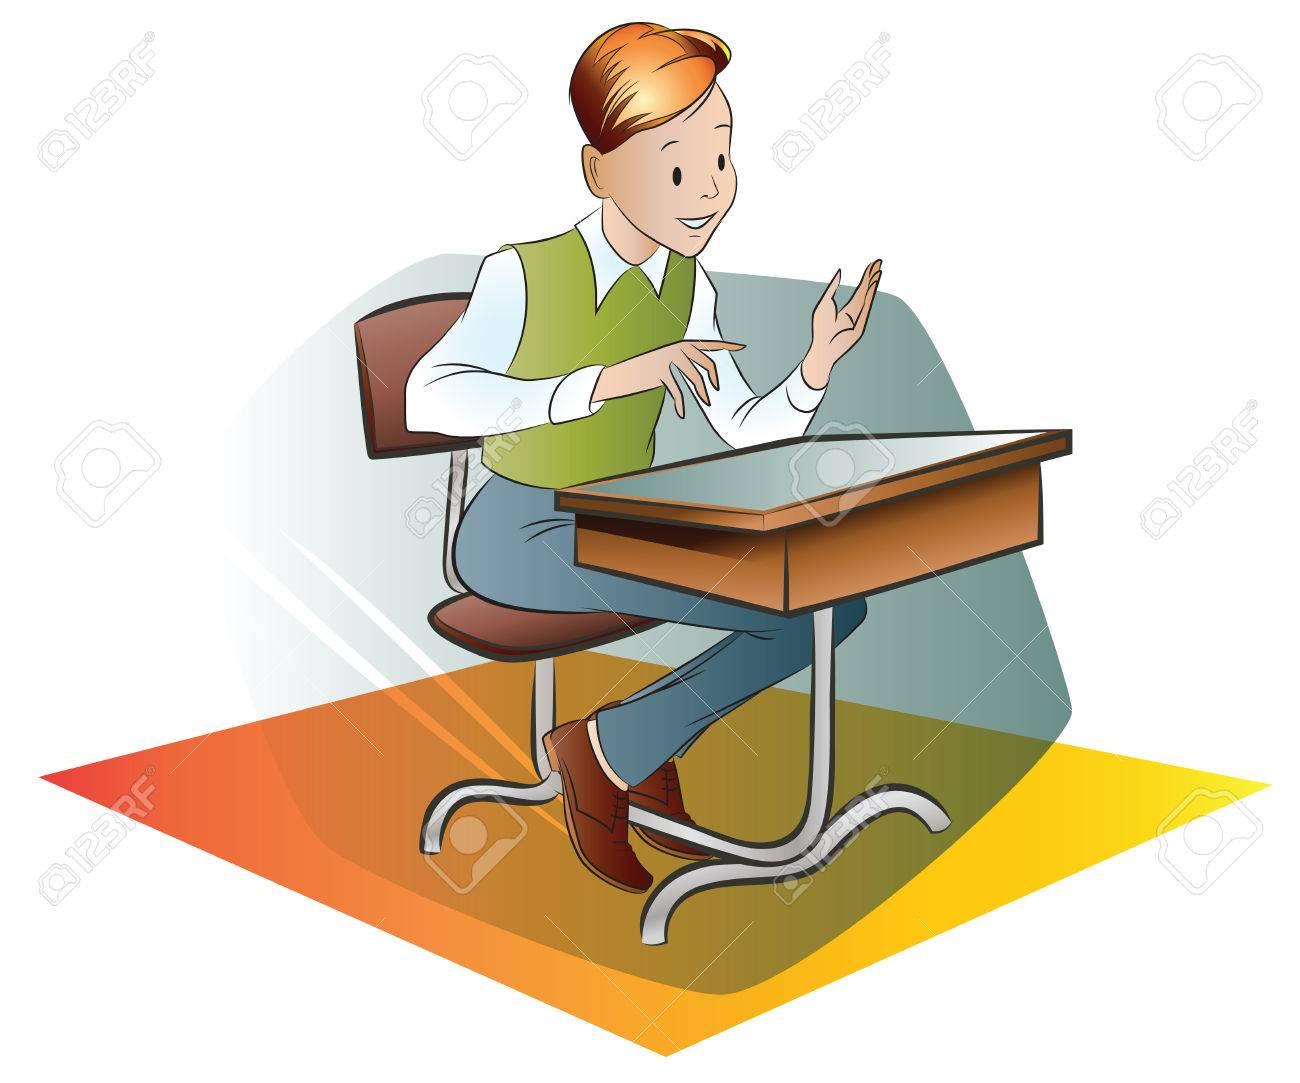 Vektor Stock Illustration Schüler An Einem Schreibtisch Schule